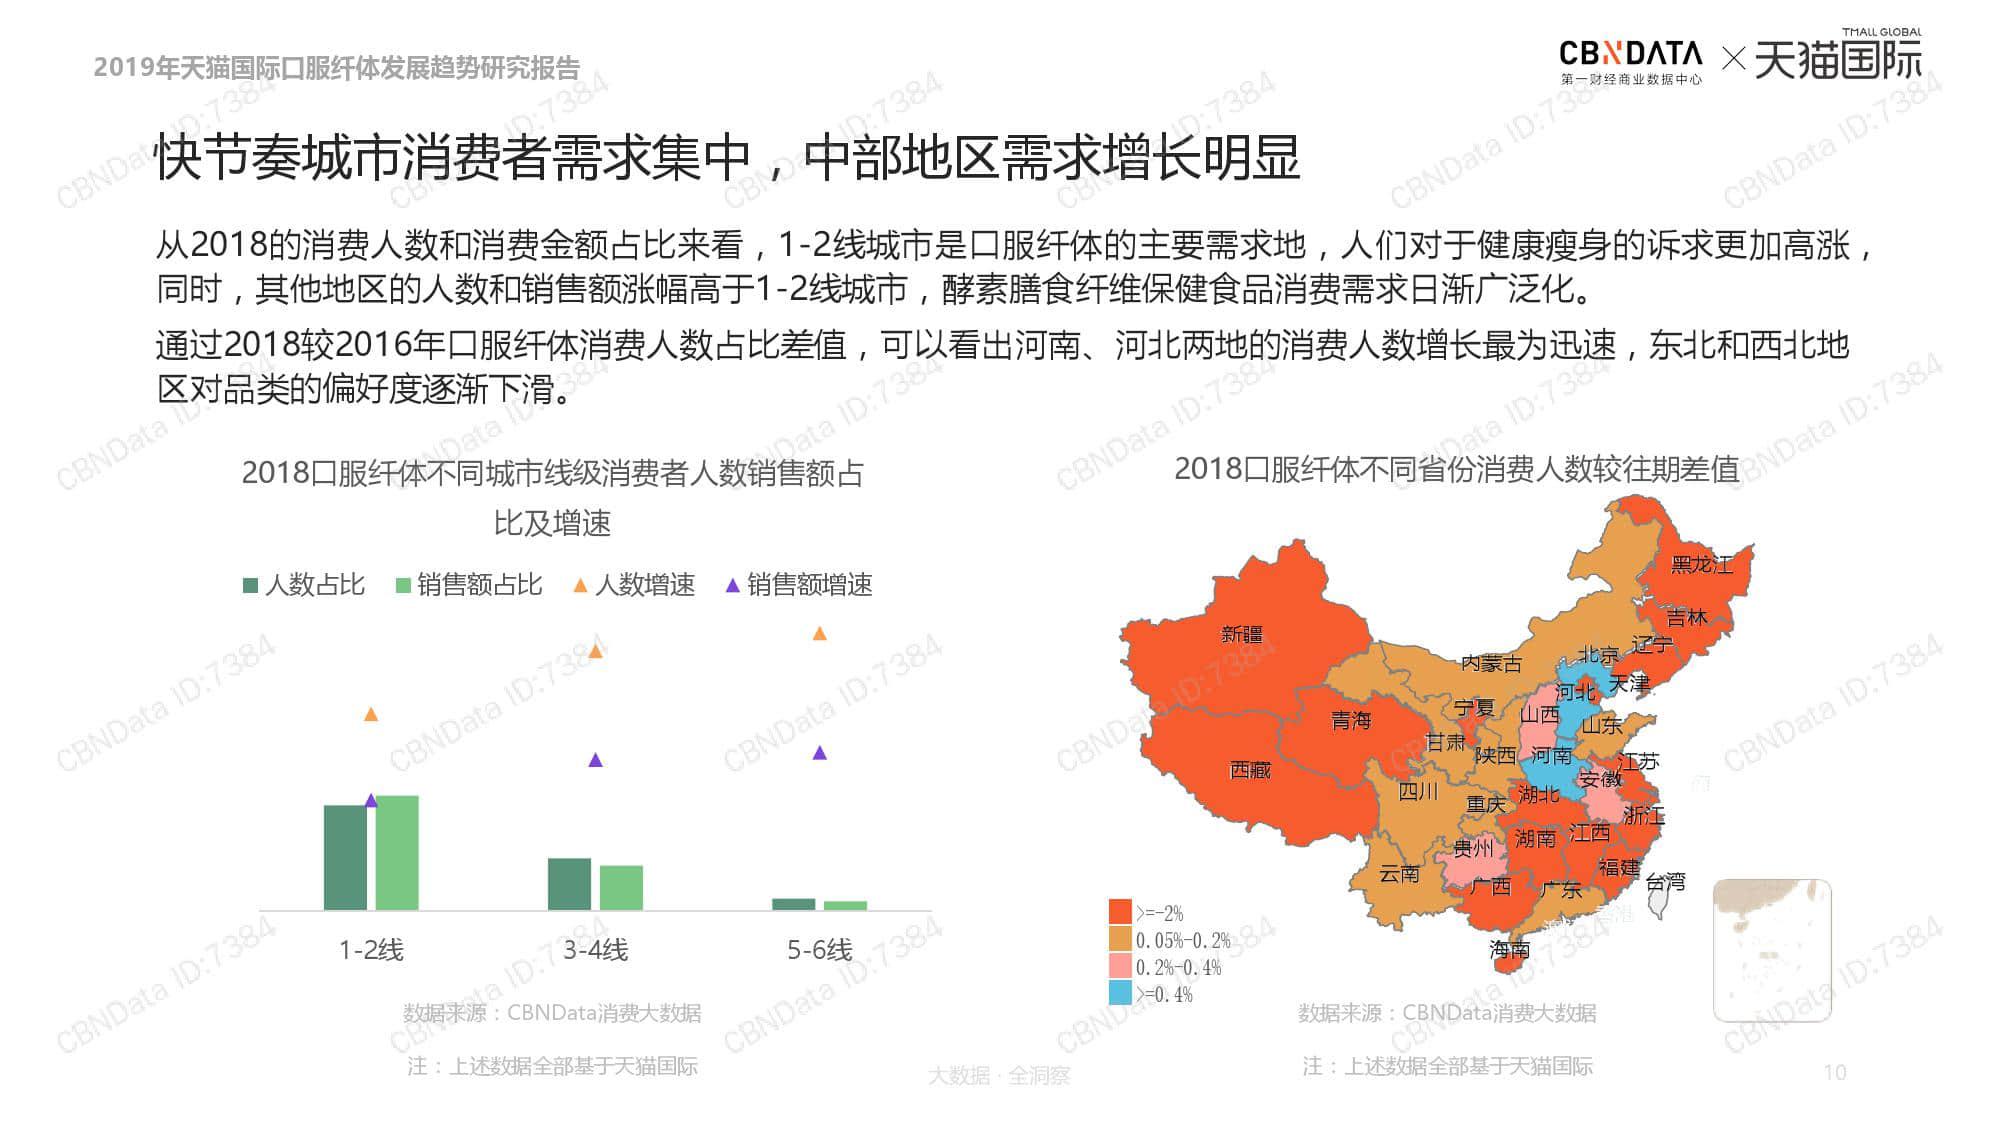 �y.b9j�y�9�mM\_天猫国际:2019口服纤体品类发展趋势报告(附下载)